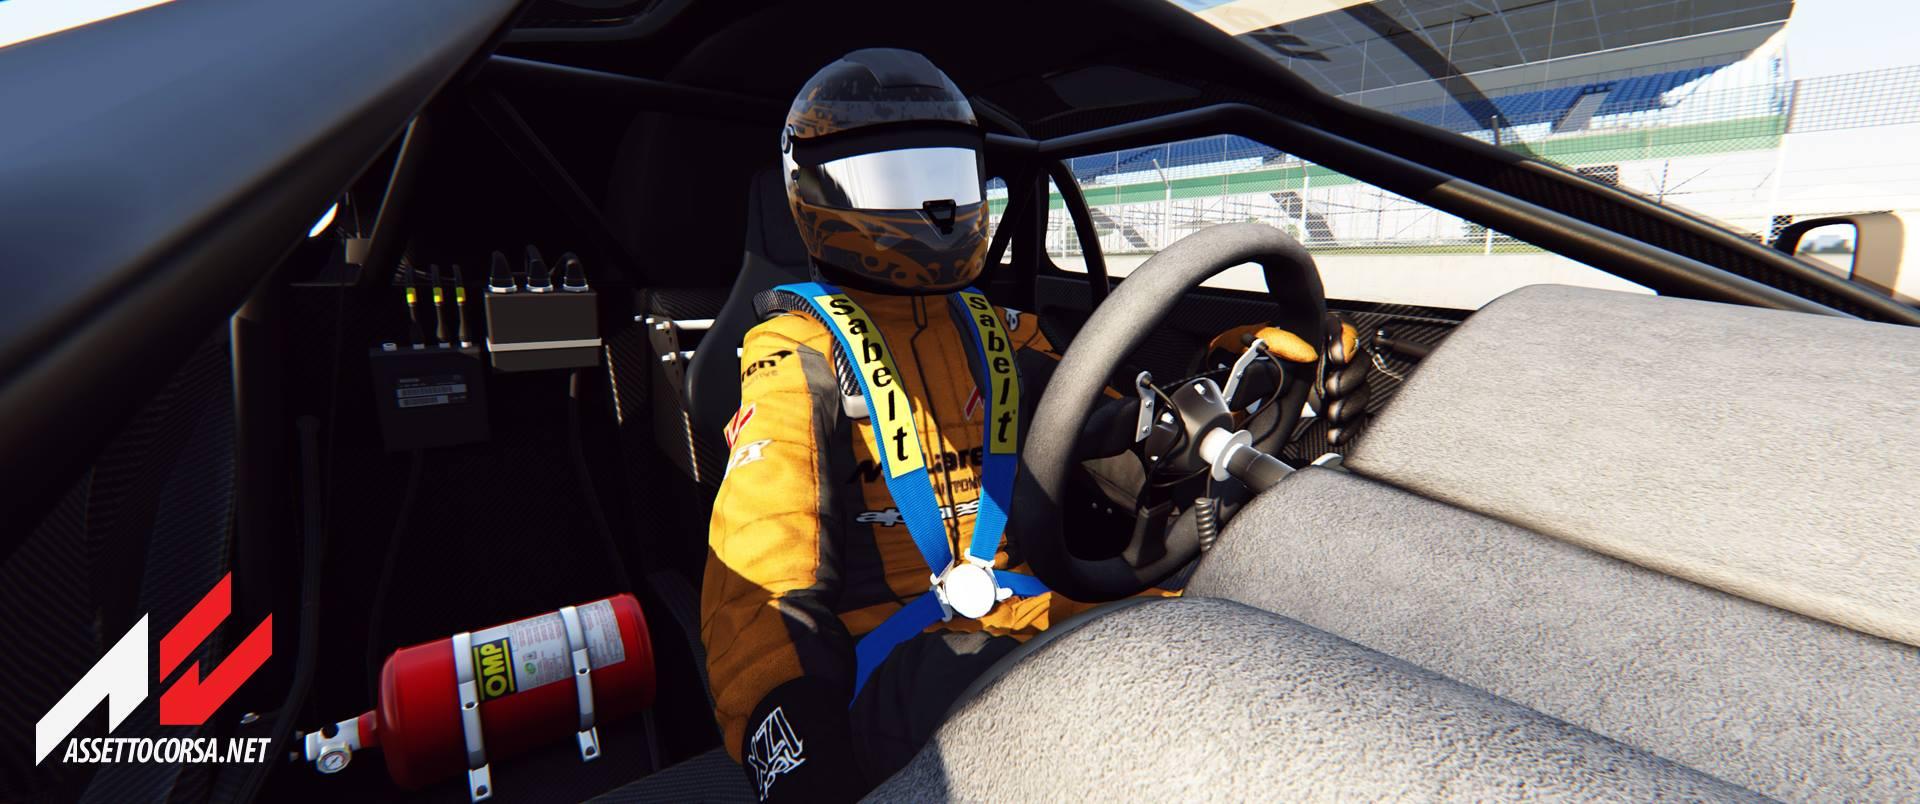 Assetto Corsa camera on board 1003 3